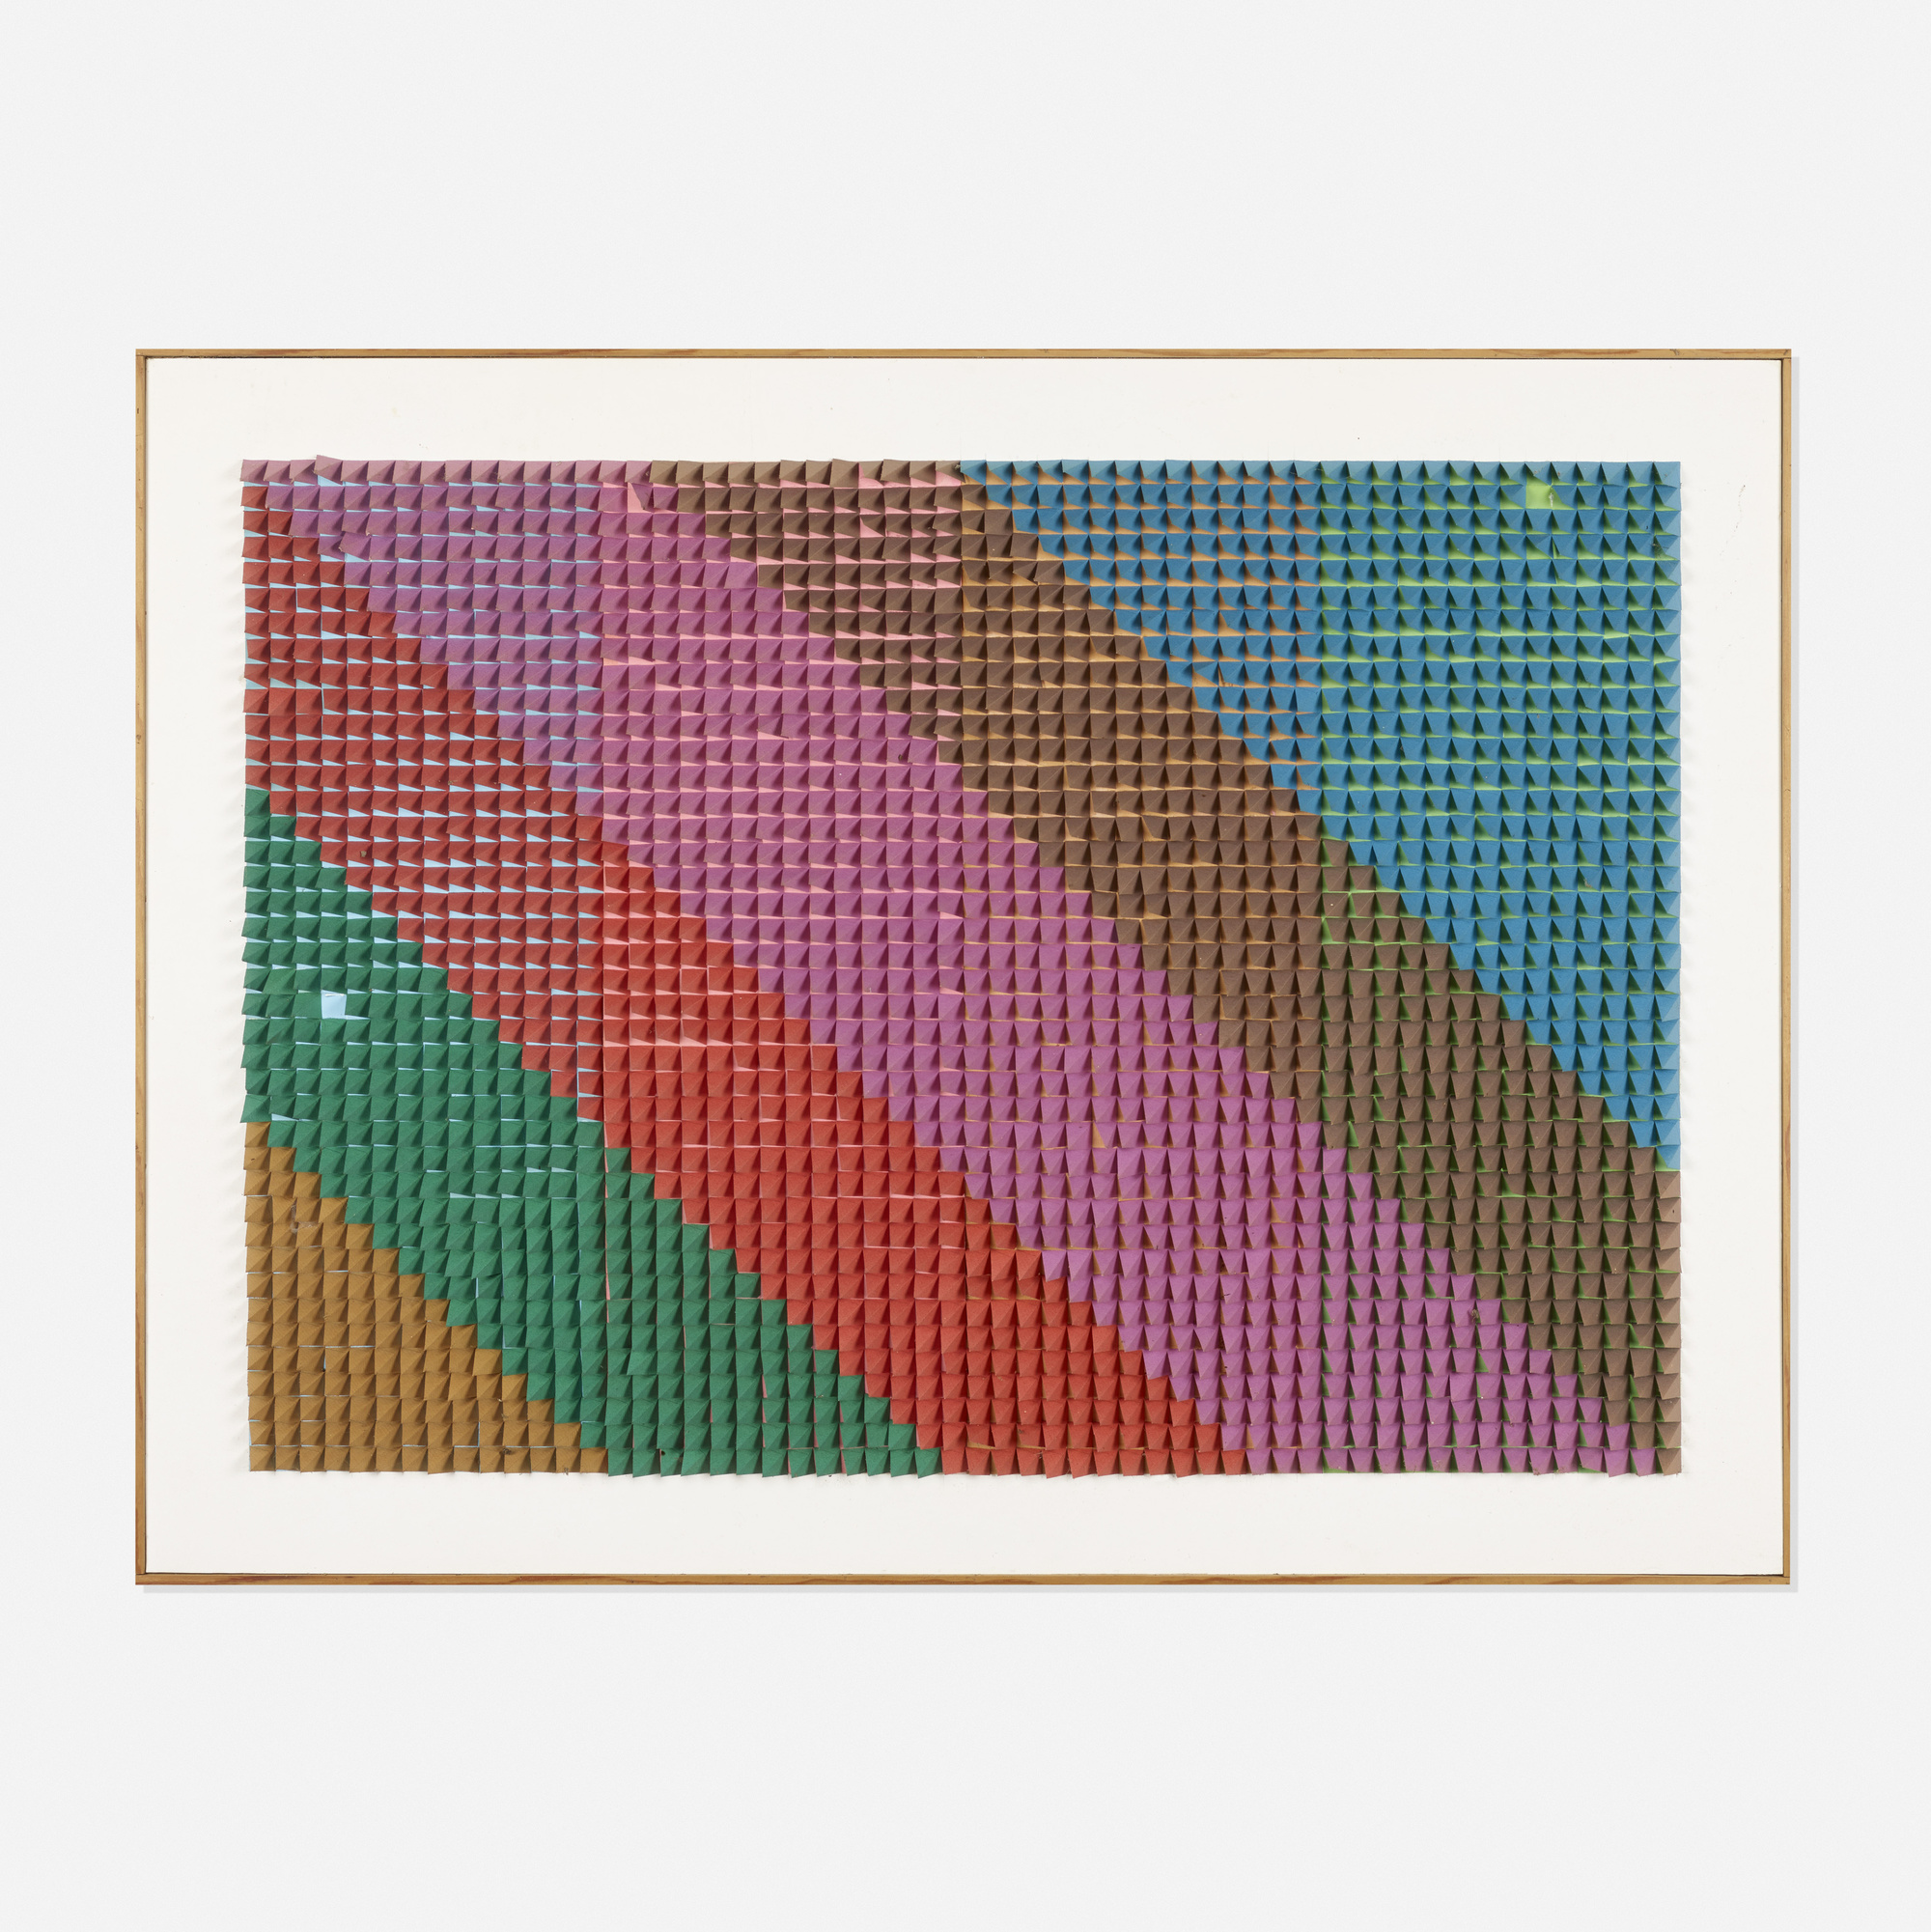 199: Irving Harper / Untitled (1 of 1)